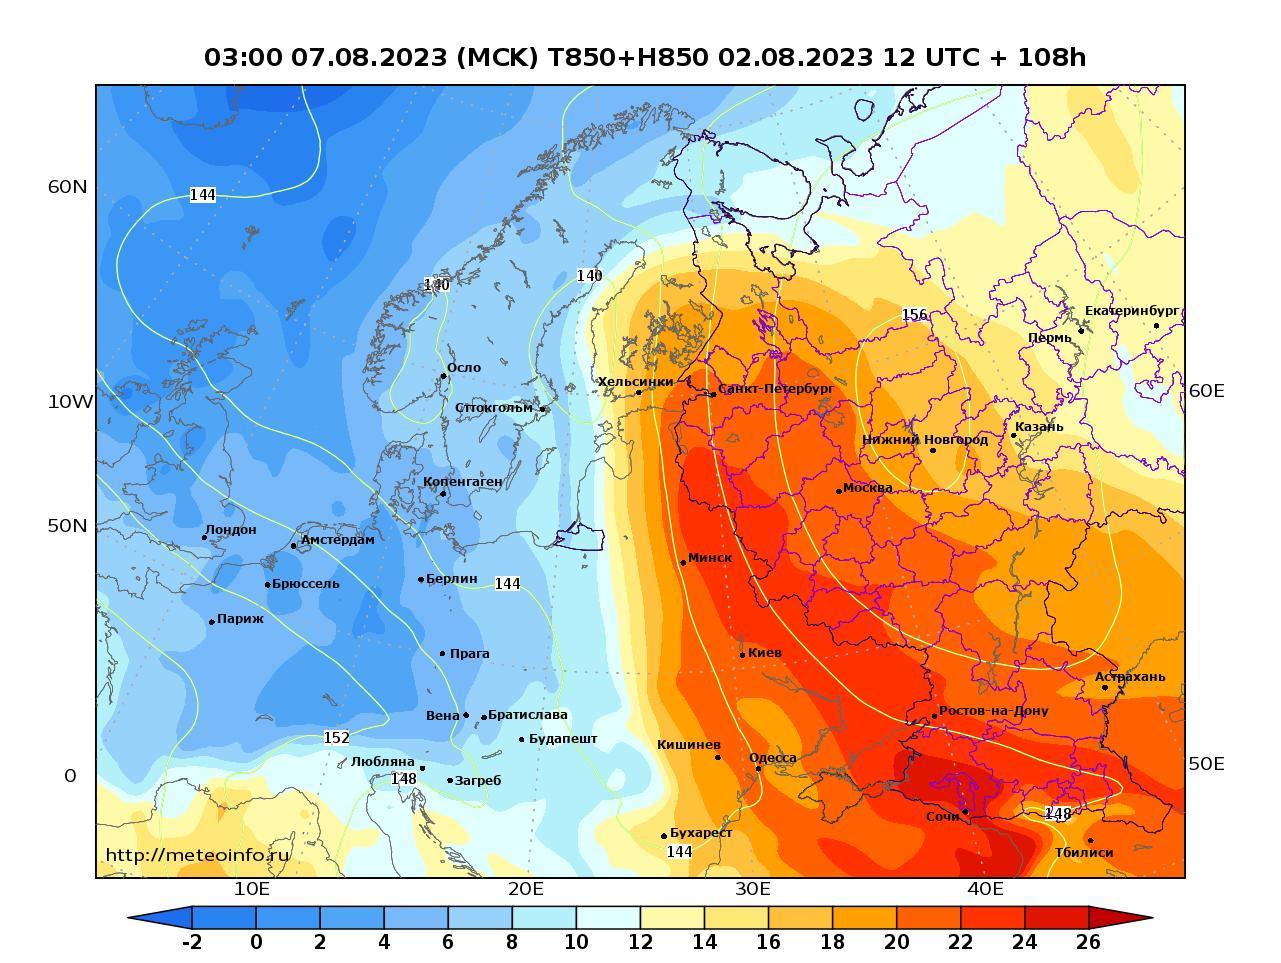 Европейская территория России, прогностическая карта температура T850 и геопотенциал H850, заблаговременность прогноза 108 часов